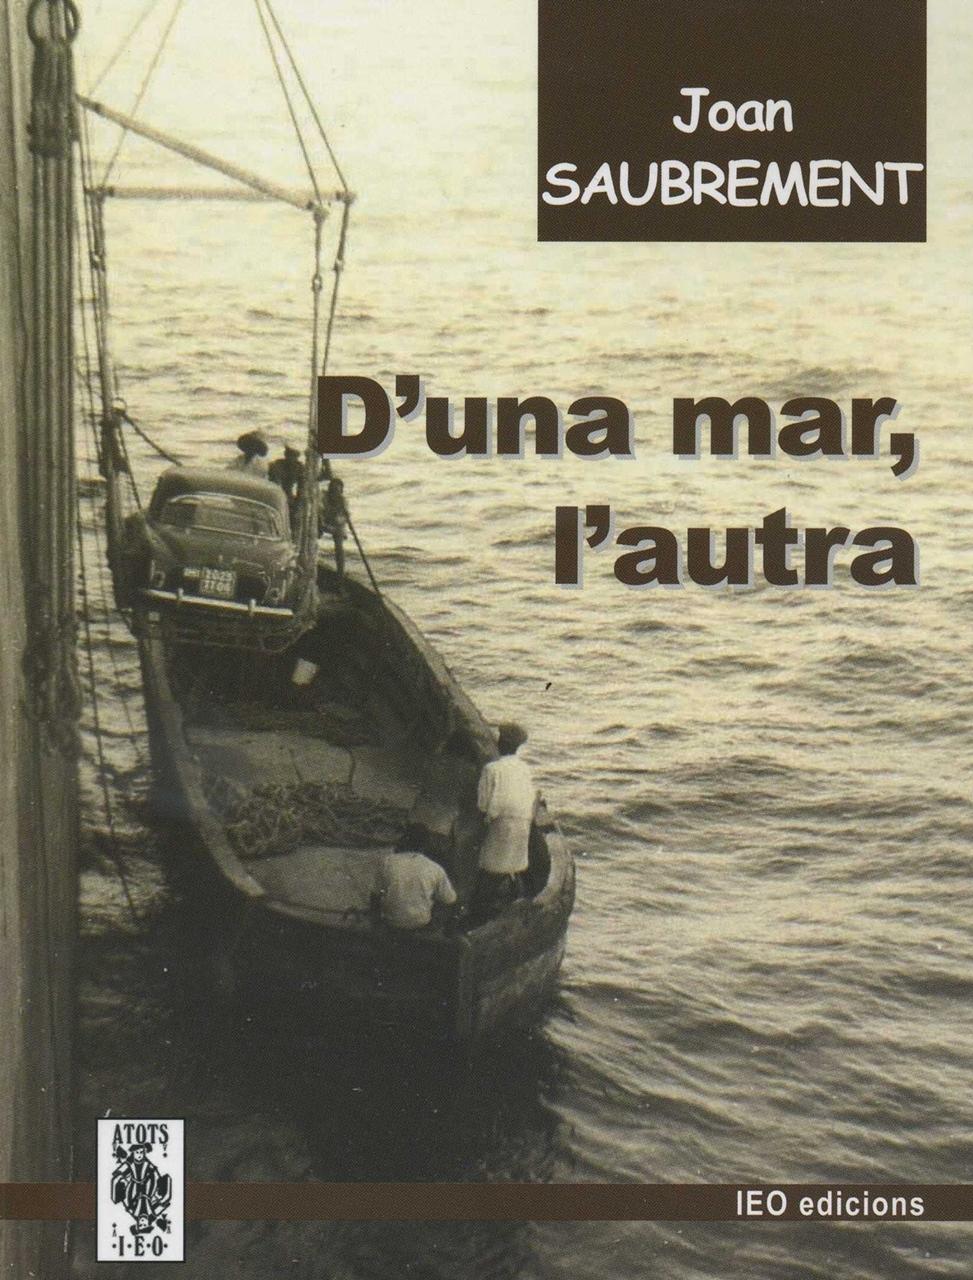 Lo libre de la setmana : D'una mar, l'autra - Joan Saubrement